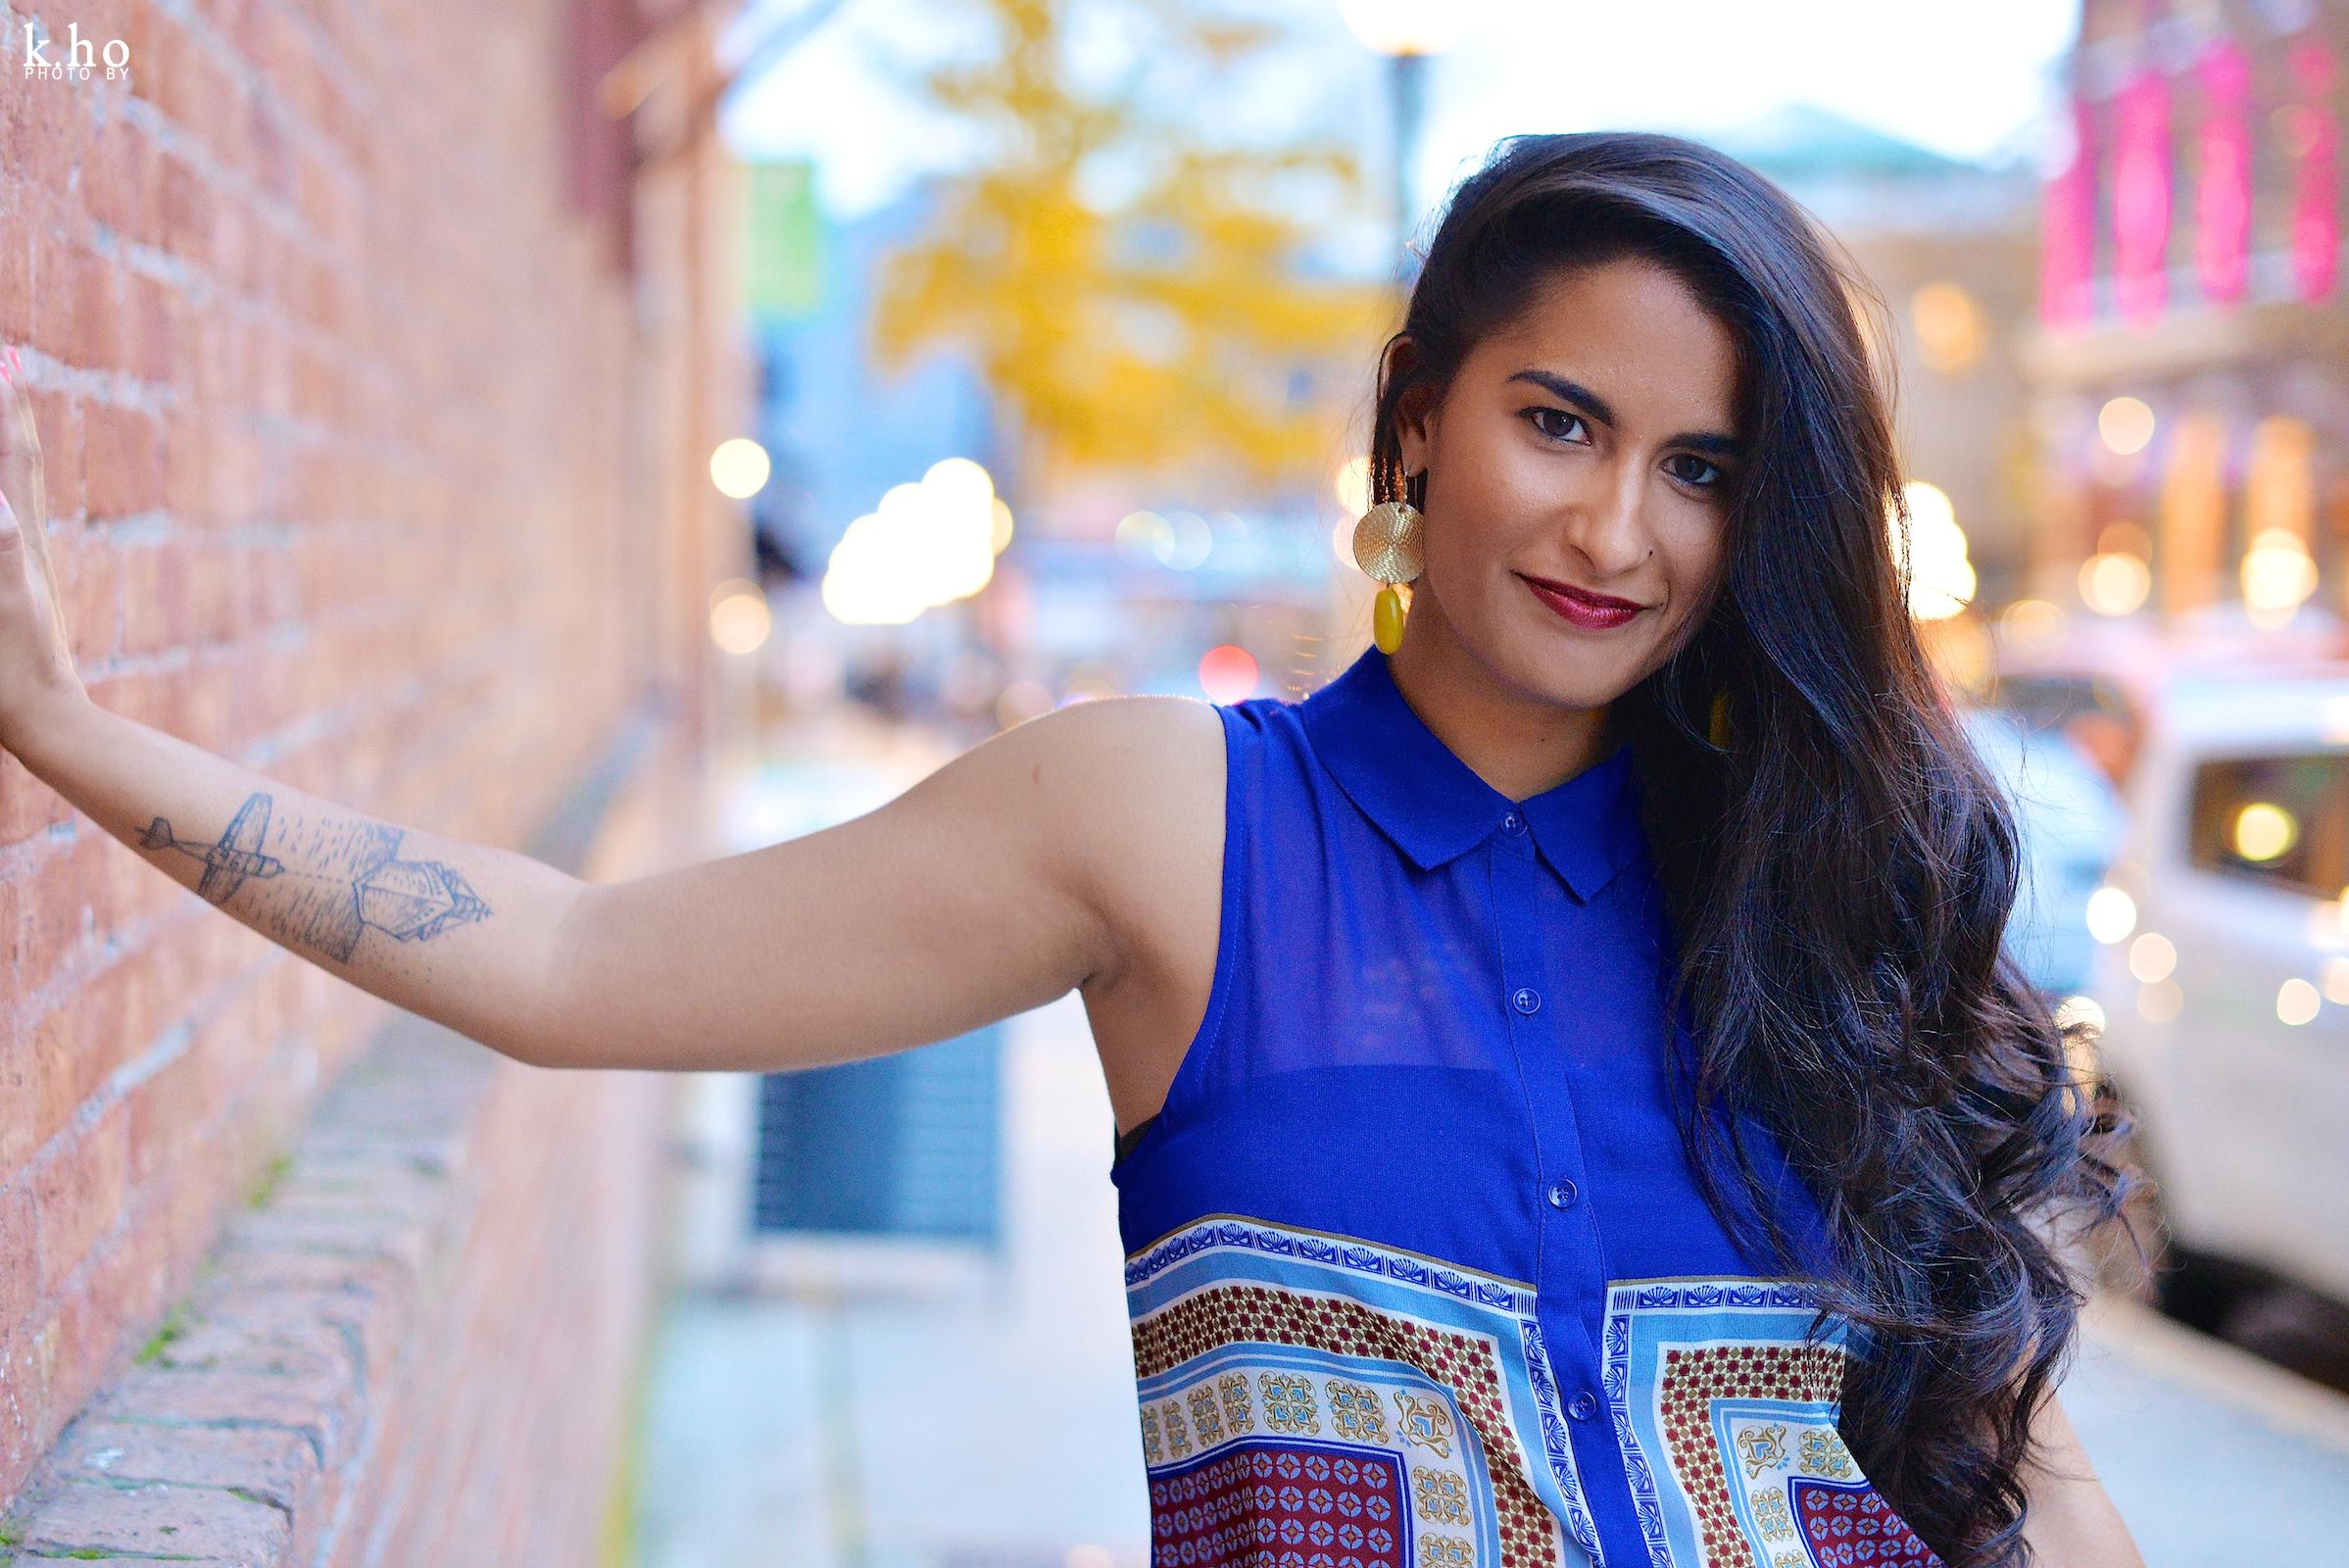 VQFF Artistic Director Anoushka Ratnarajah